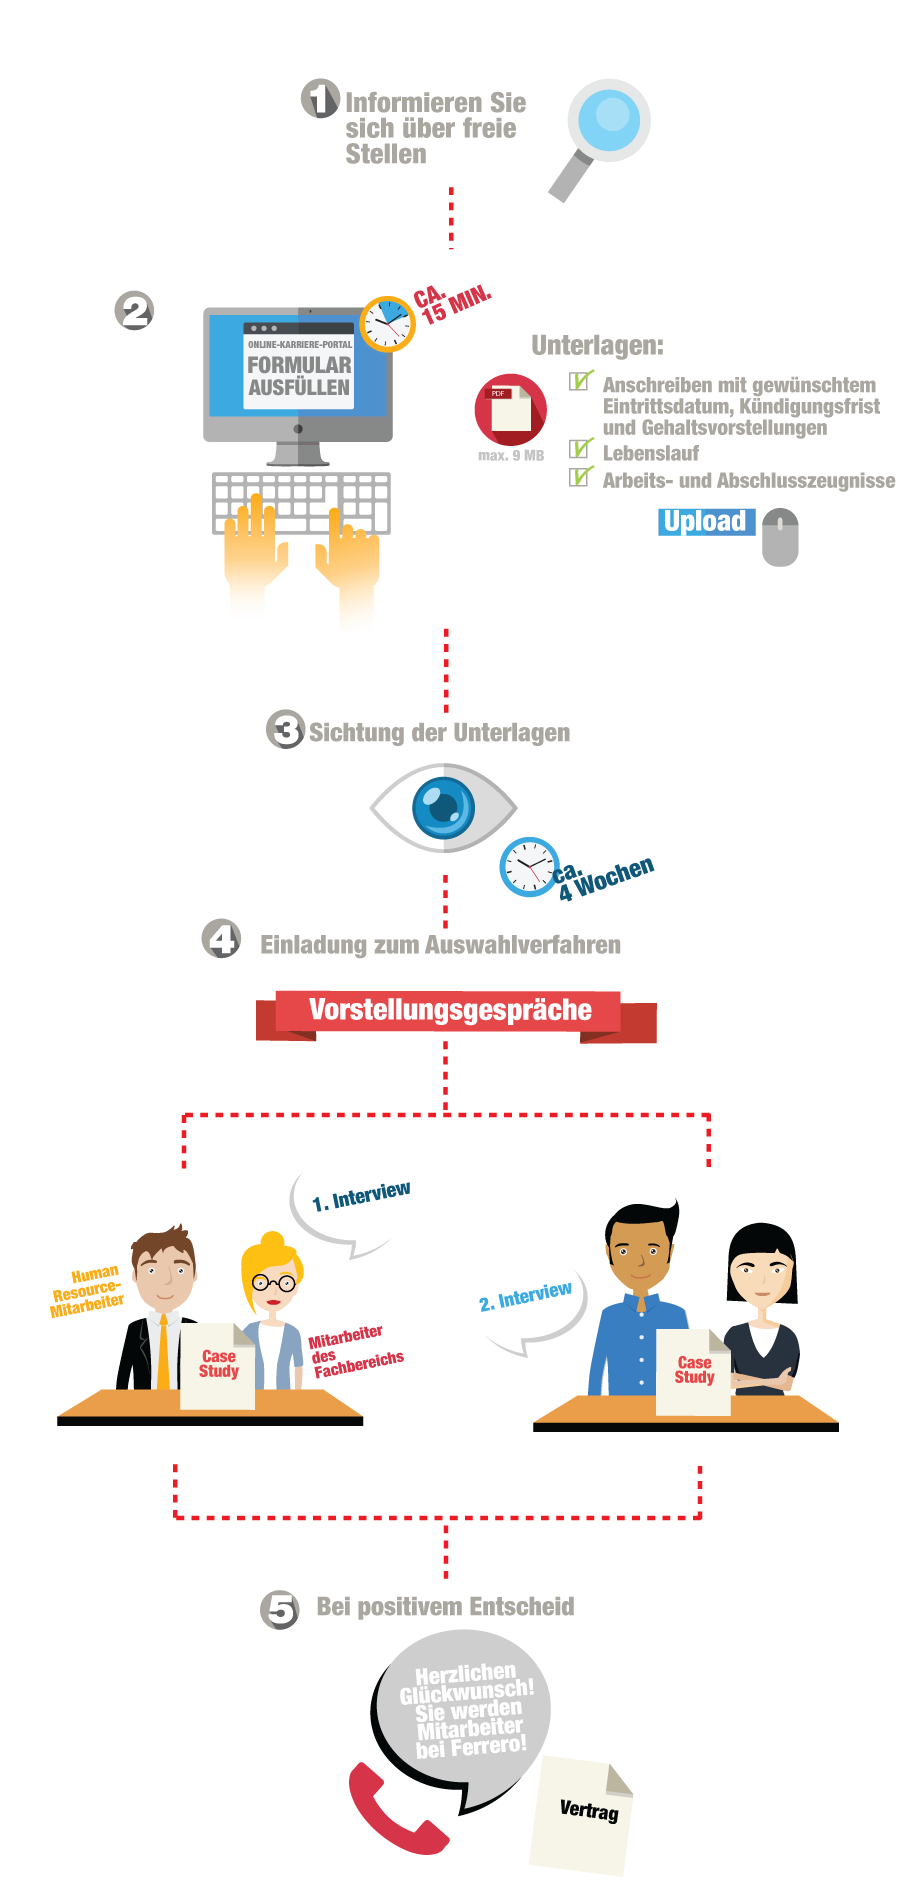 Direkteinstieg/ Einstieg Fach- und Führungskräfte | Ferrero Karriere